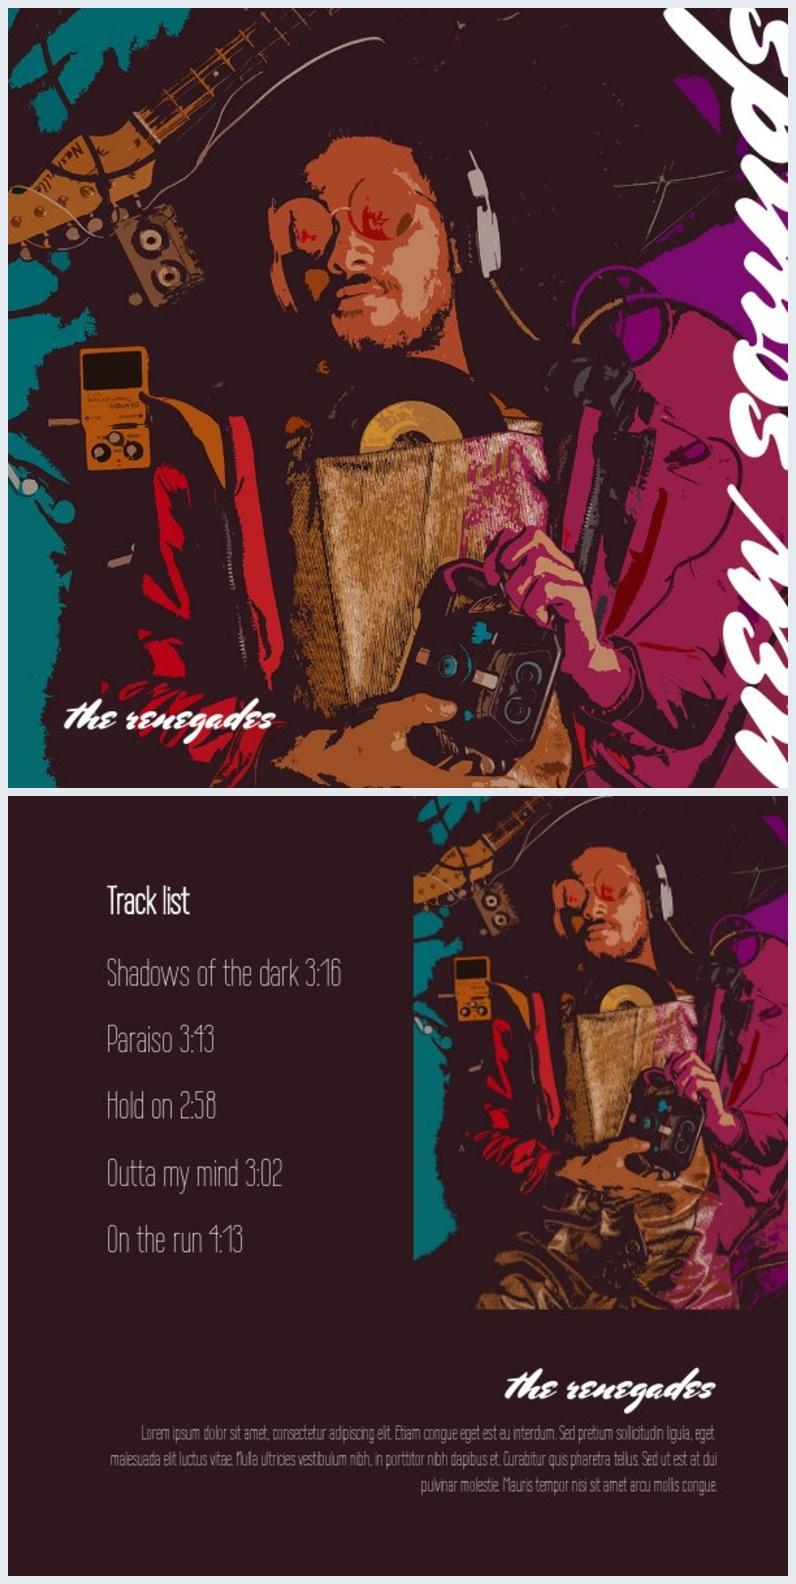 Diseño artístico para portada de álbum